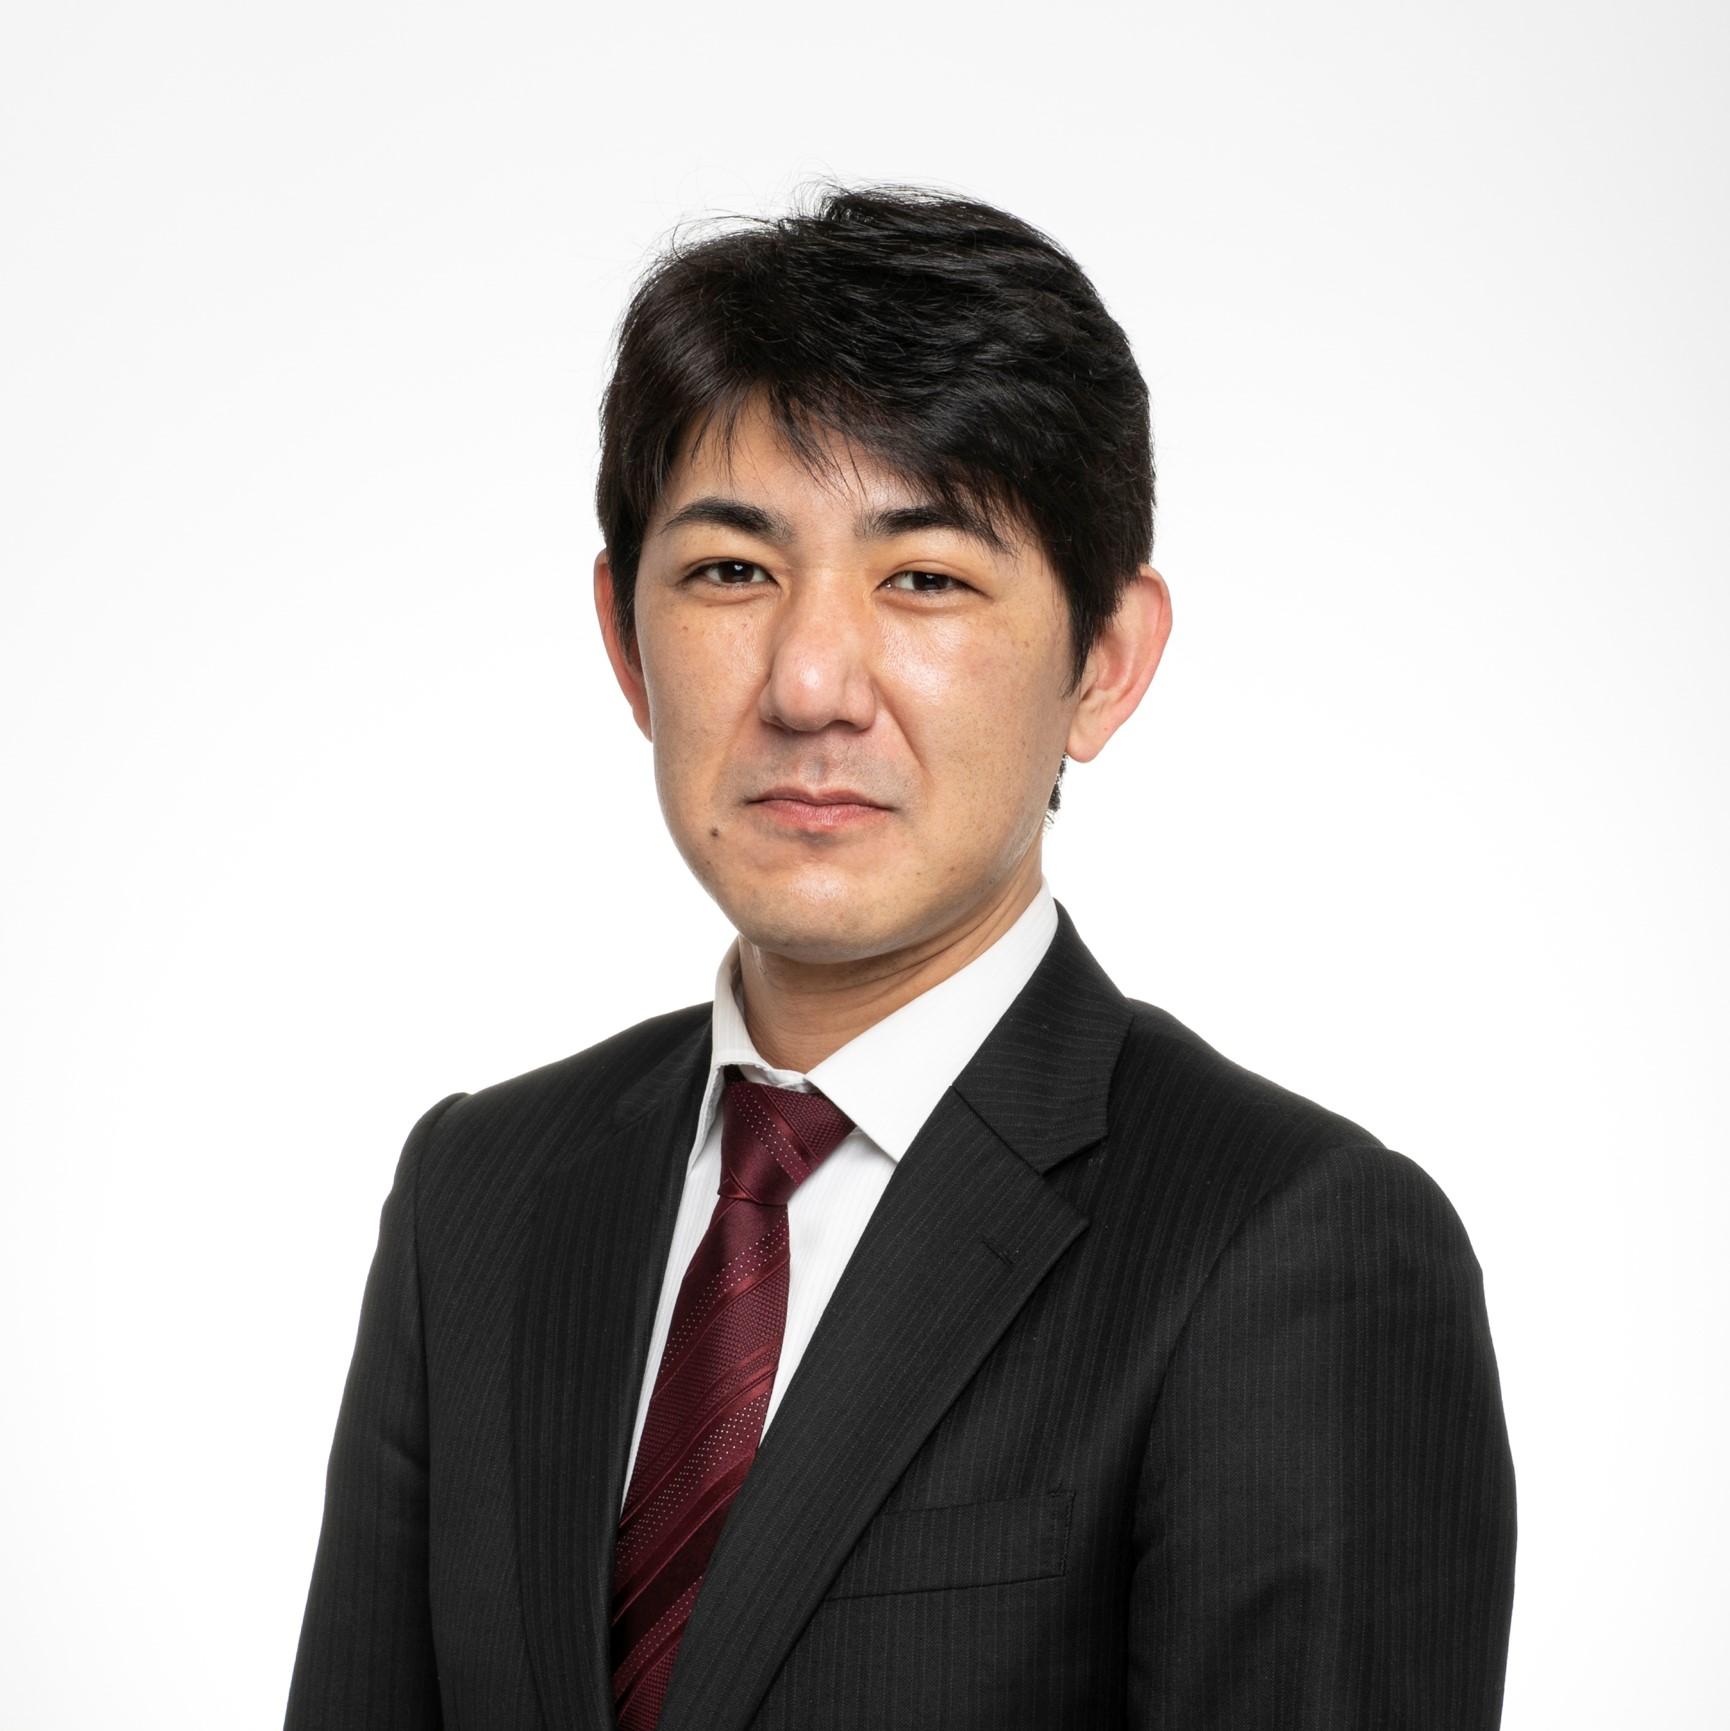 Tomoya Saito